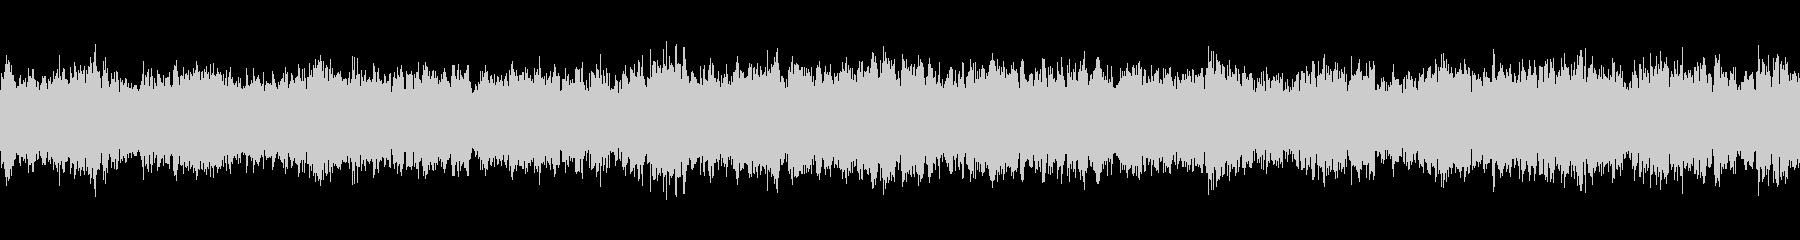 リラクゼーションの30秒ループの未再生の波形